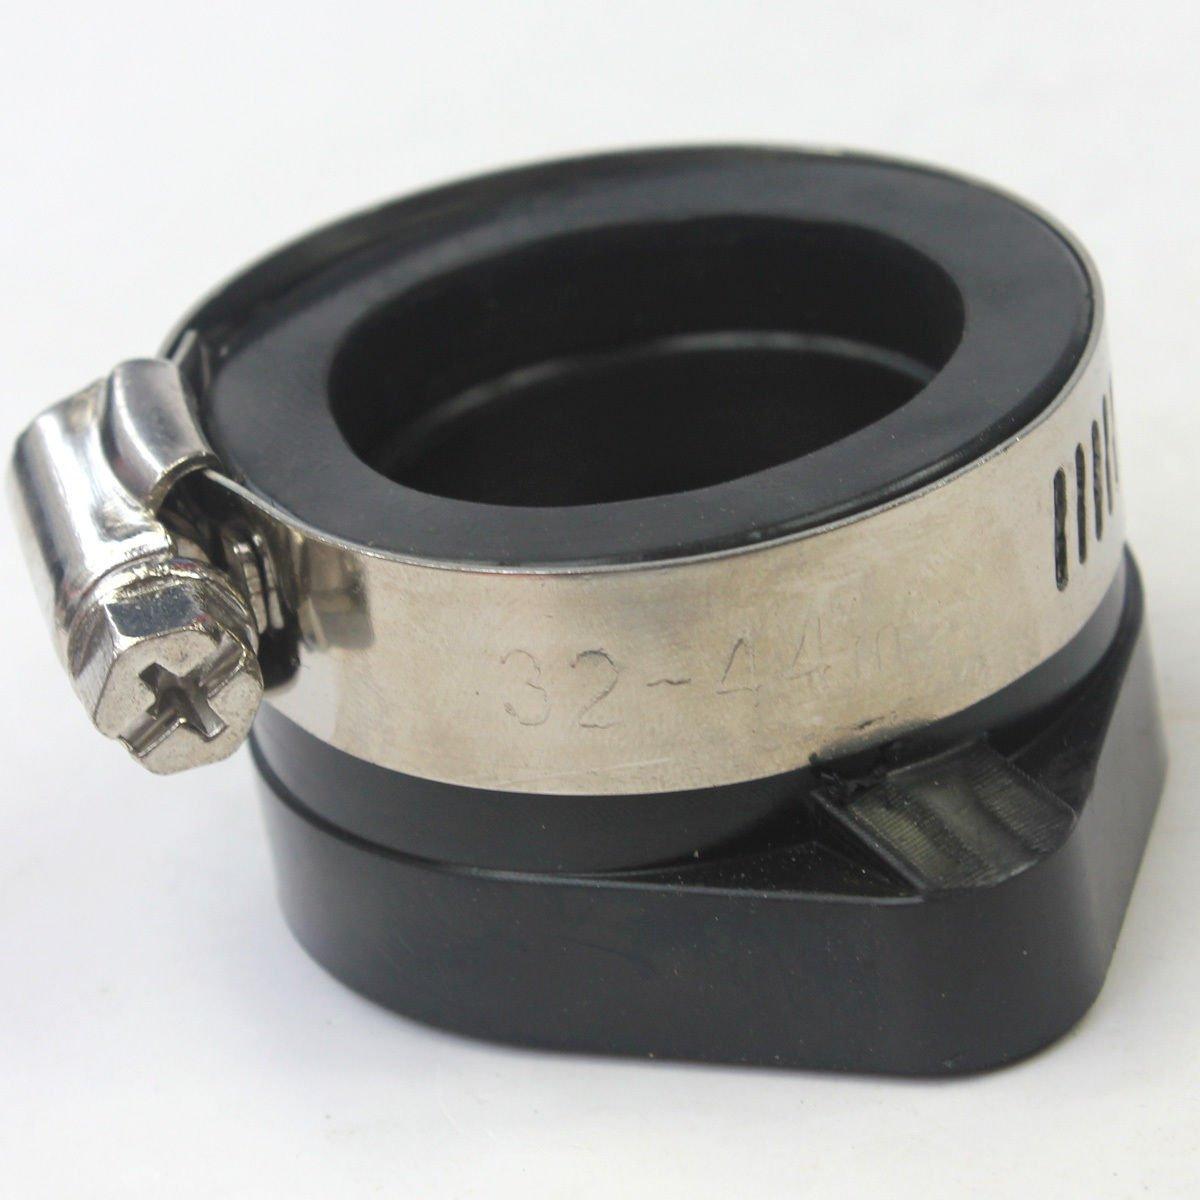 Wingsmoto Intake Manifold 27mm Carb Flange Adapter Rubber for Mikuni Carburetor VM34